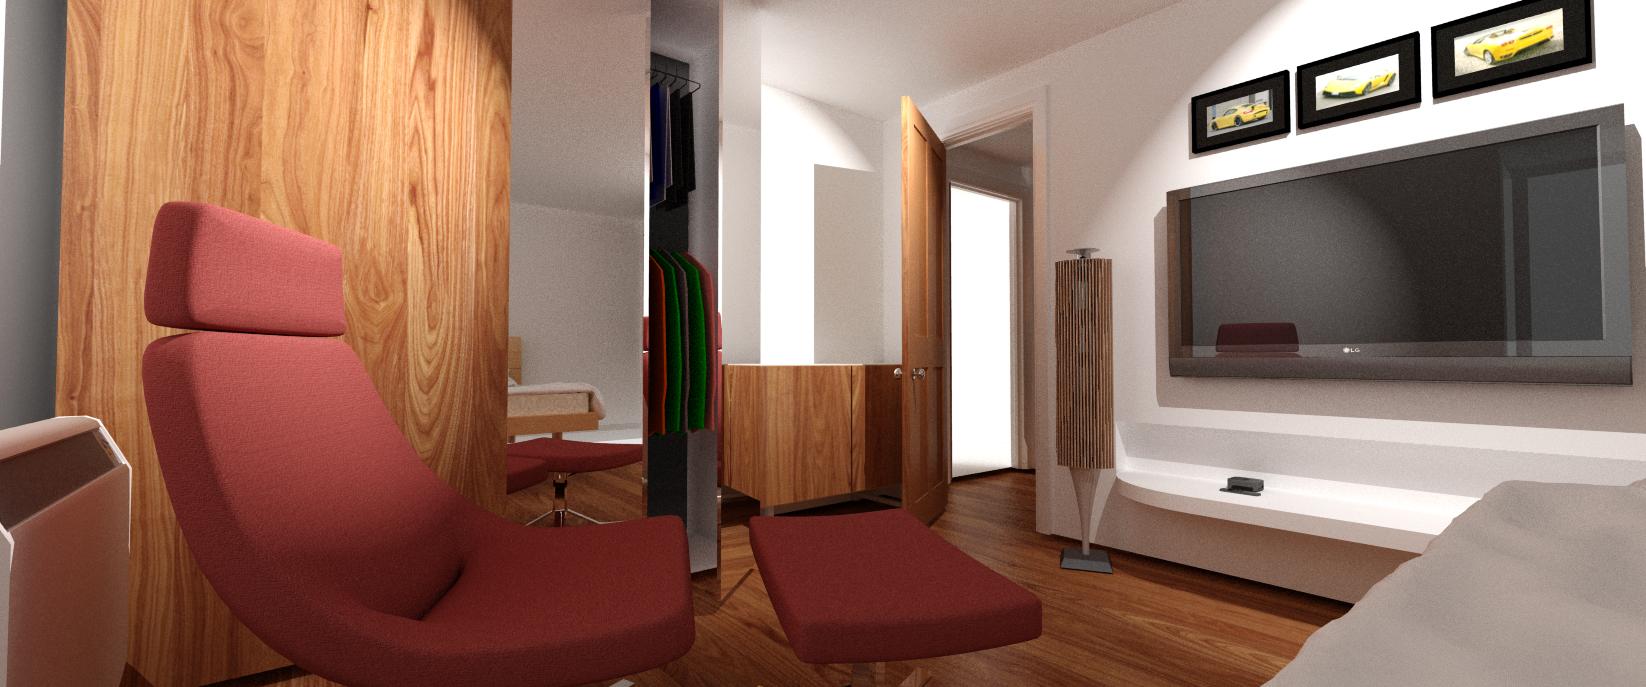 Conceptual Studio flat